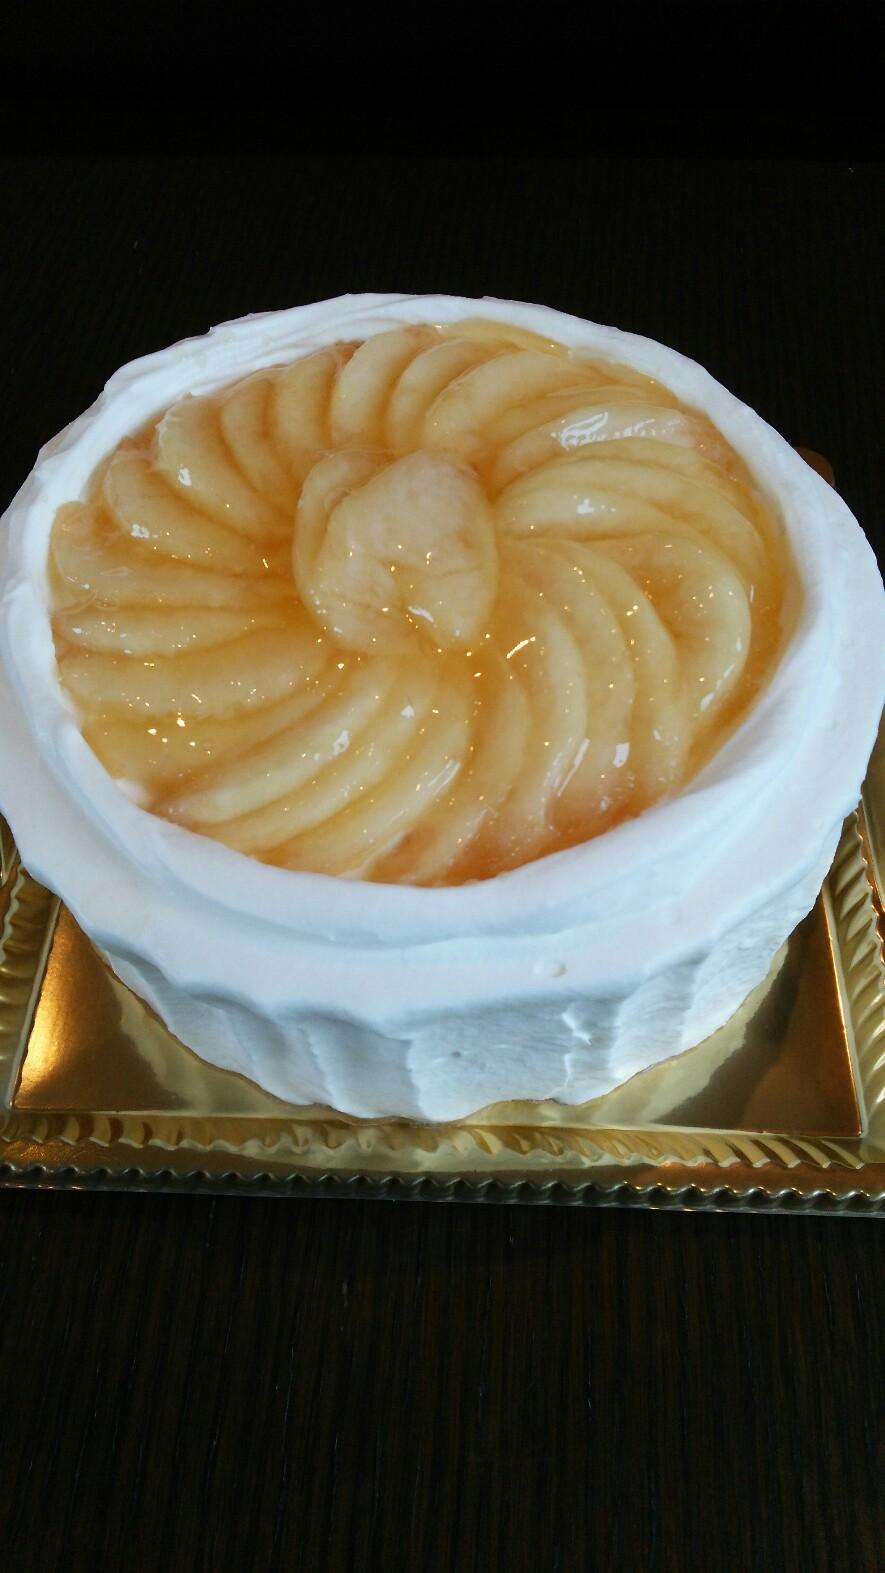 桃のバースデーケーキ